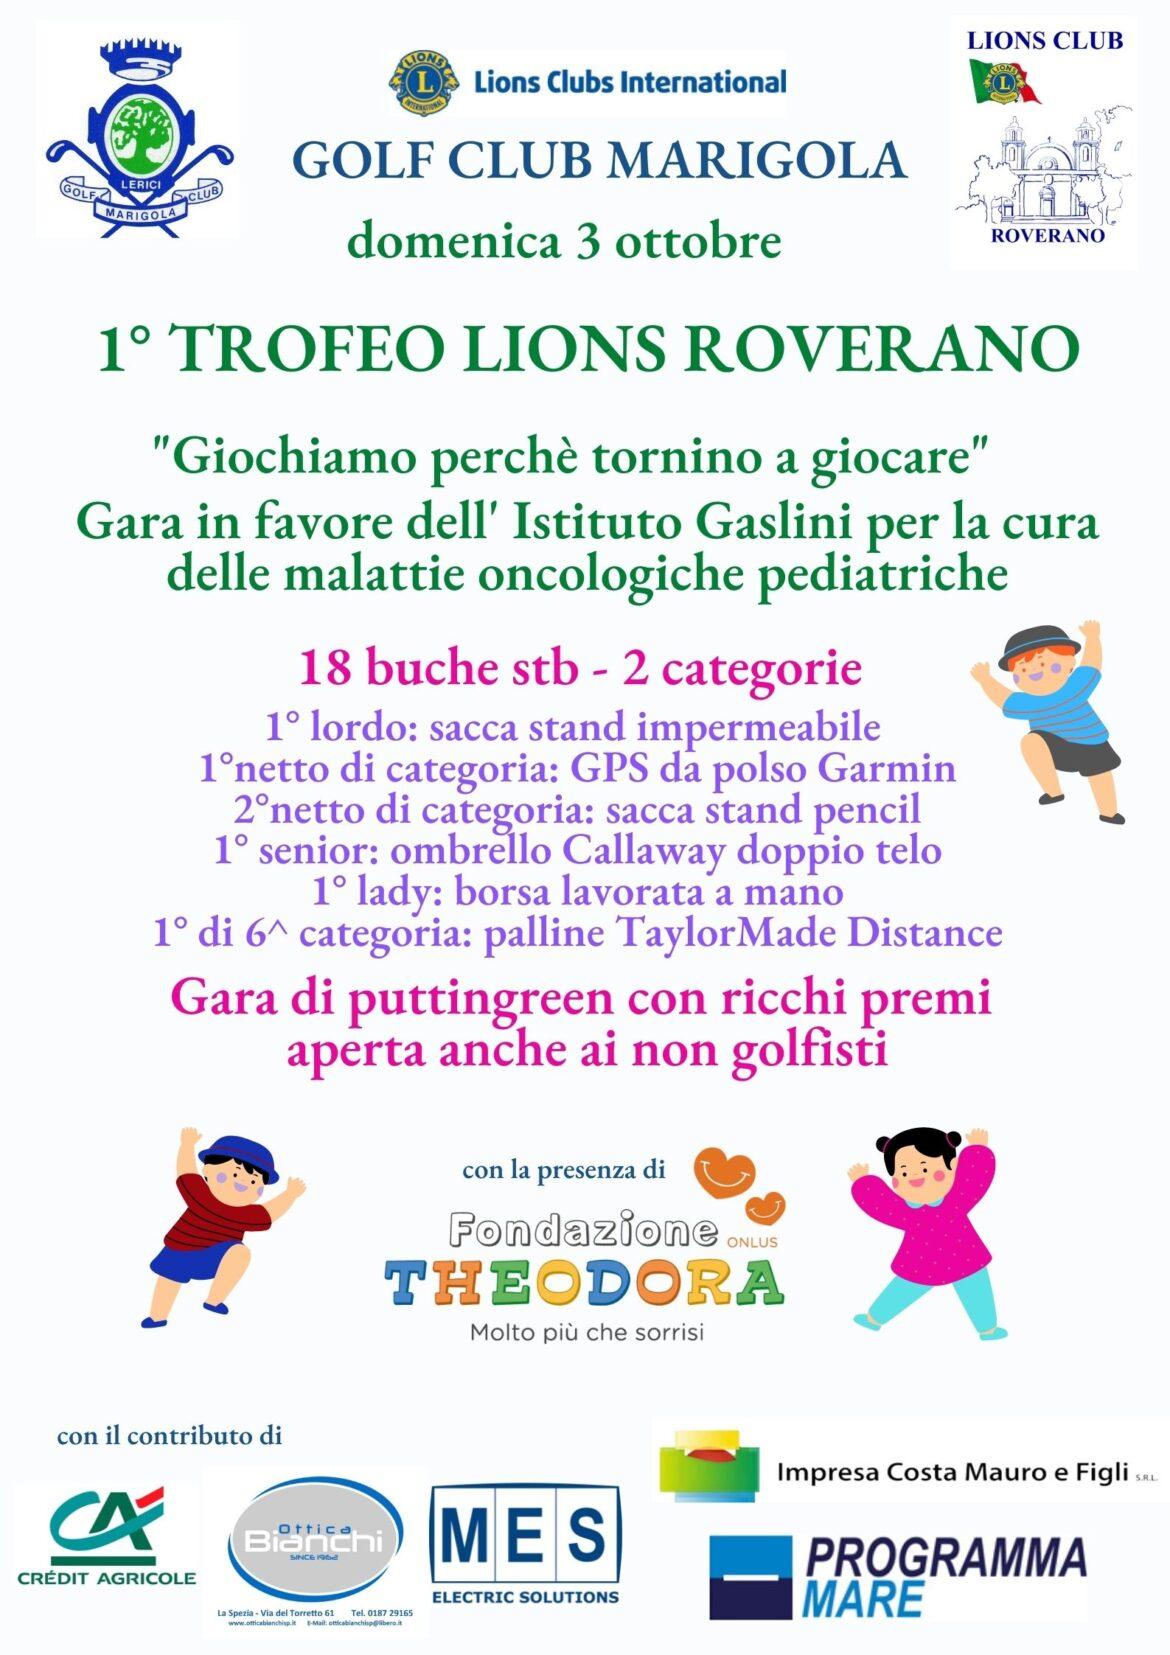 1° TROFEO LIONS ROVERANO – DOMENICA 3 OTTOBRE 2021